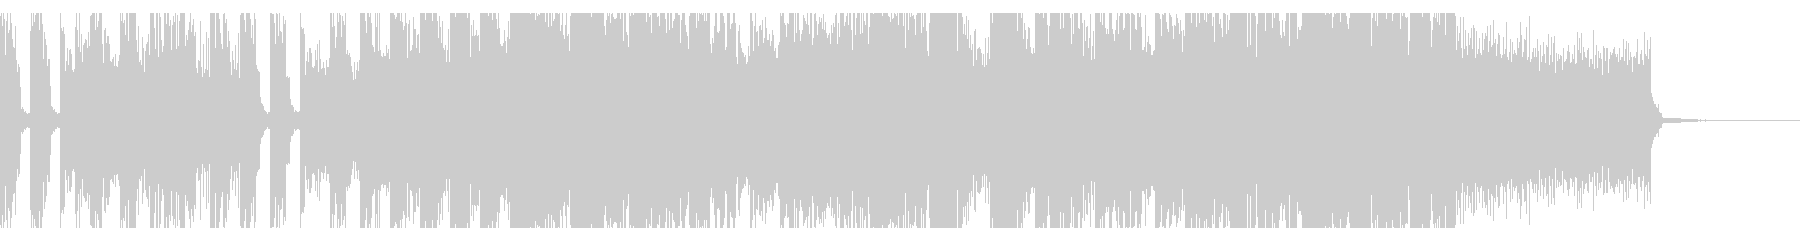 疾走感溢れるデジタルロックの未再生の波形